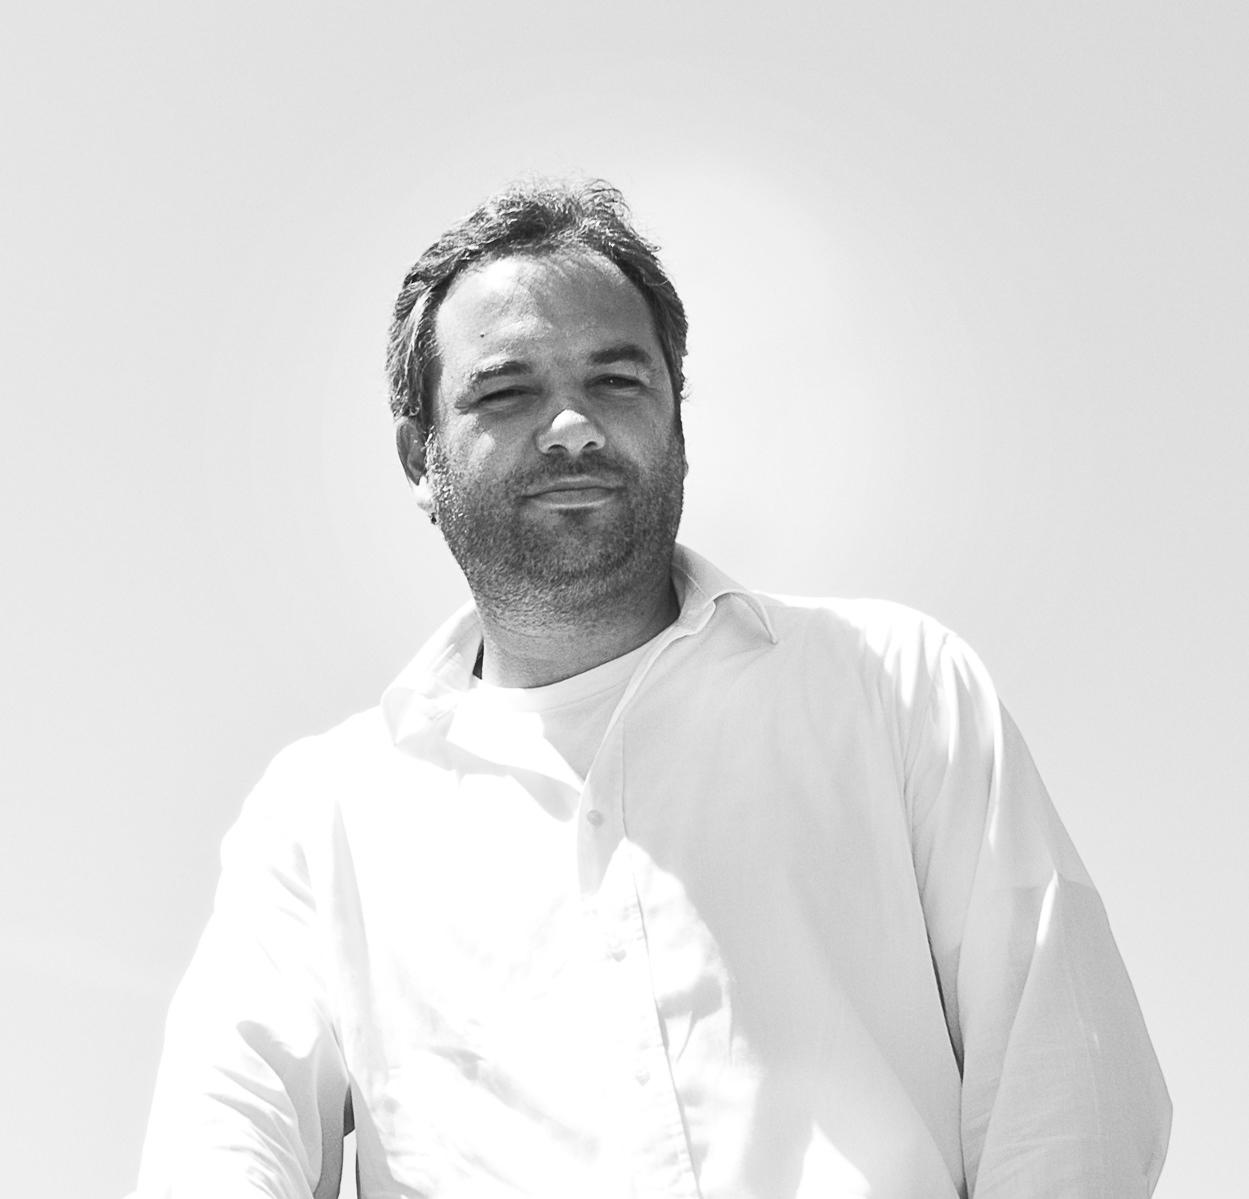 Giuseppe Innave